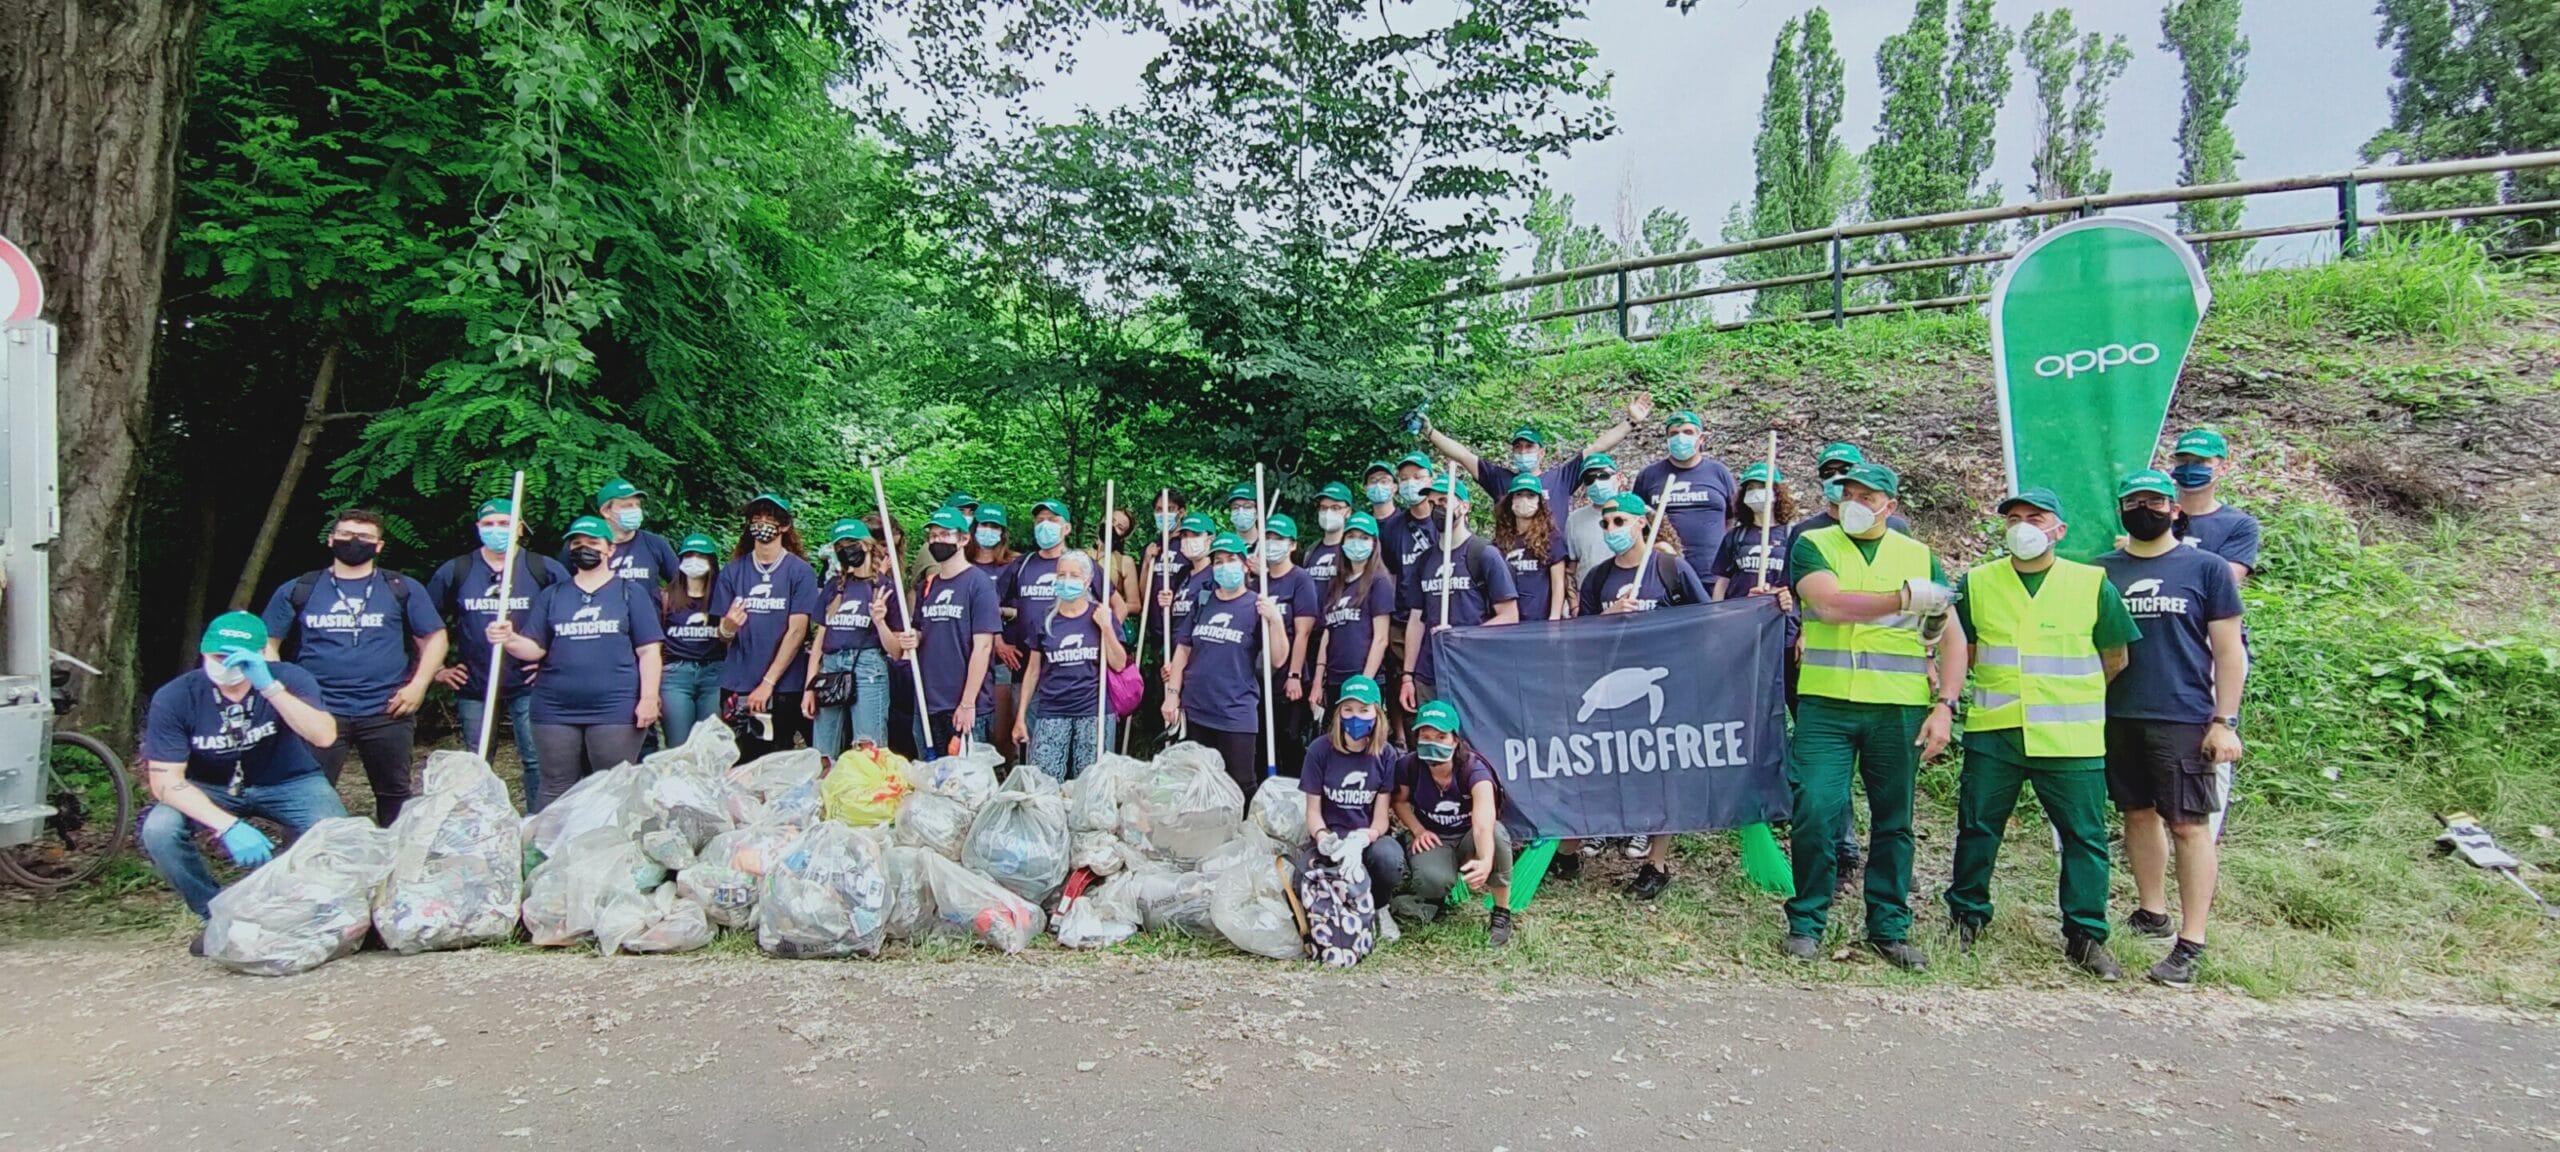 Raccolta plastica in Italia: Più di mille volontari per 10 tonnellate raccolte thumbnail